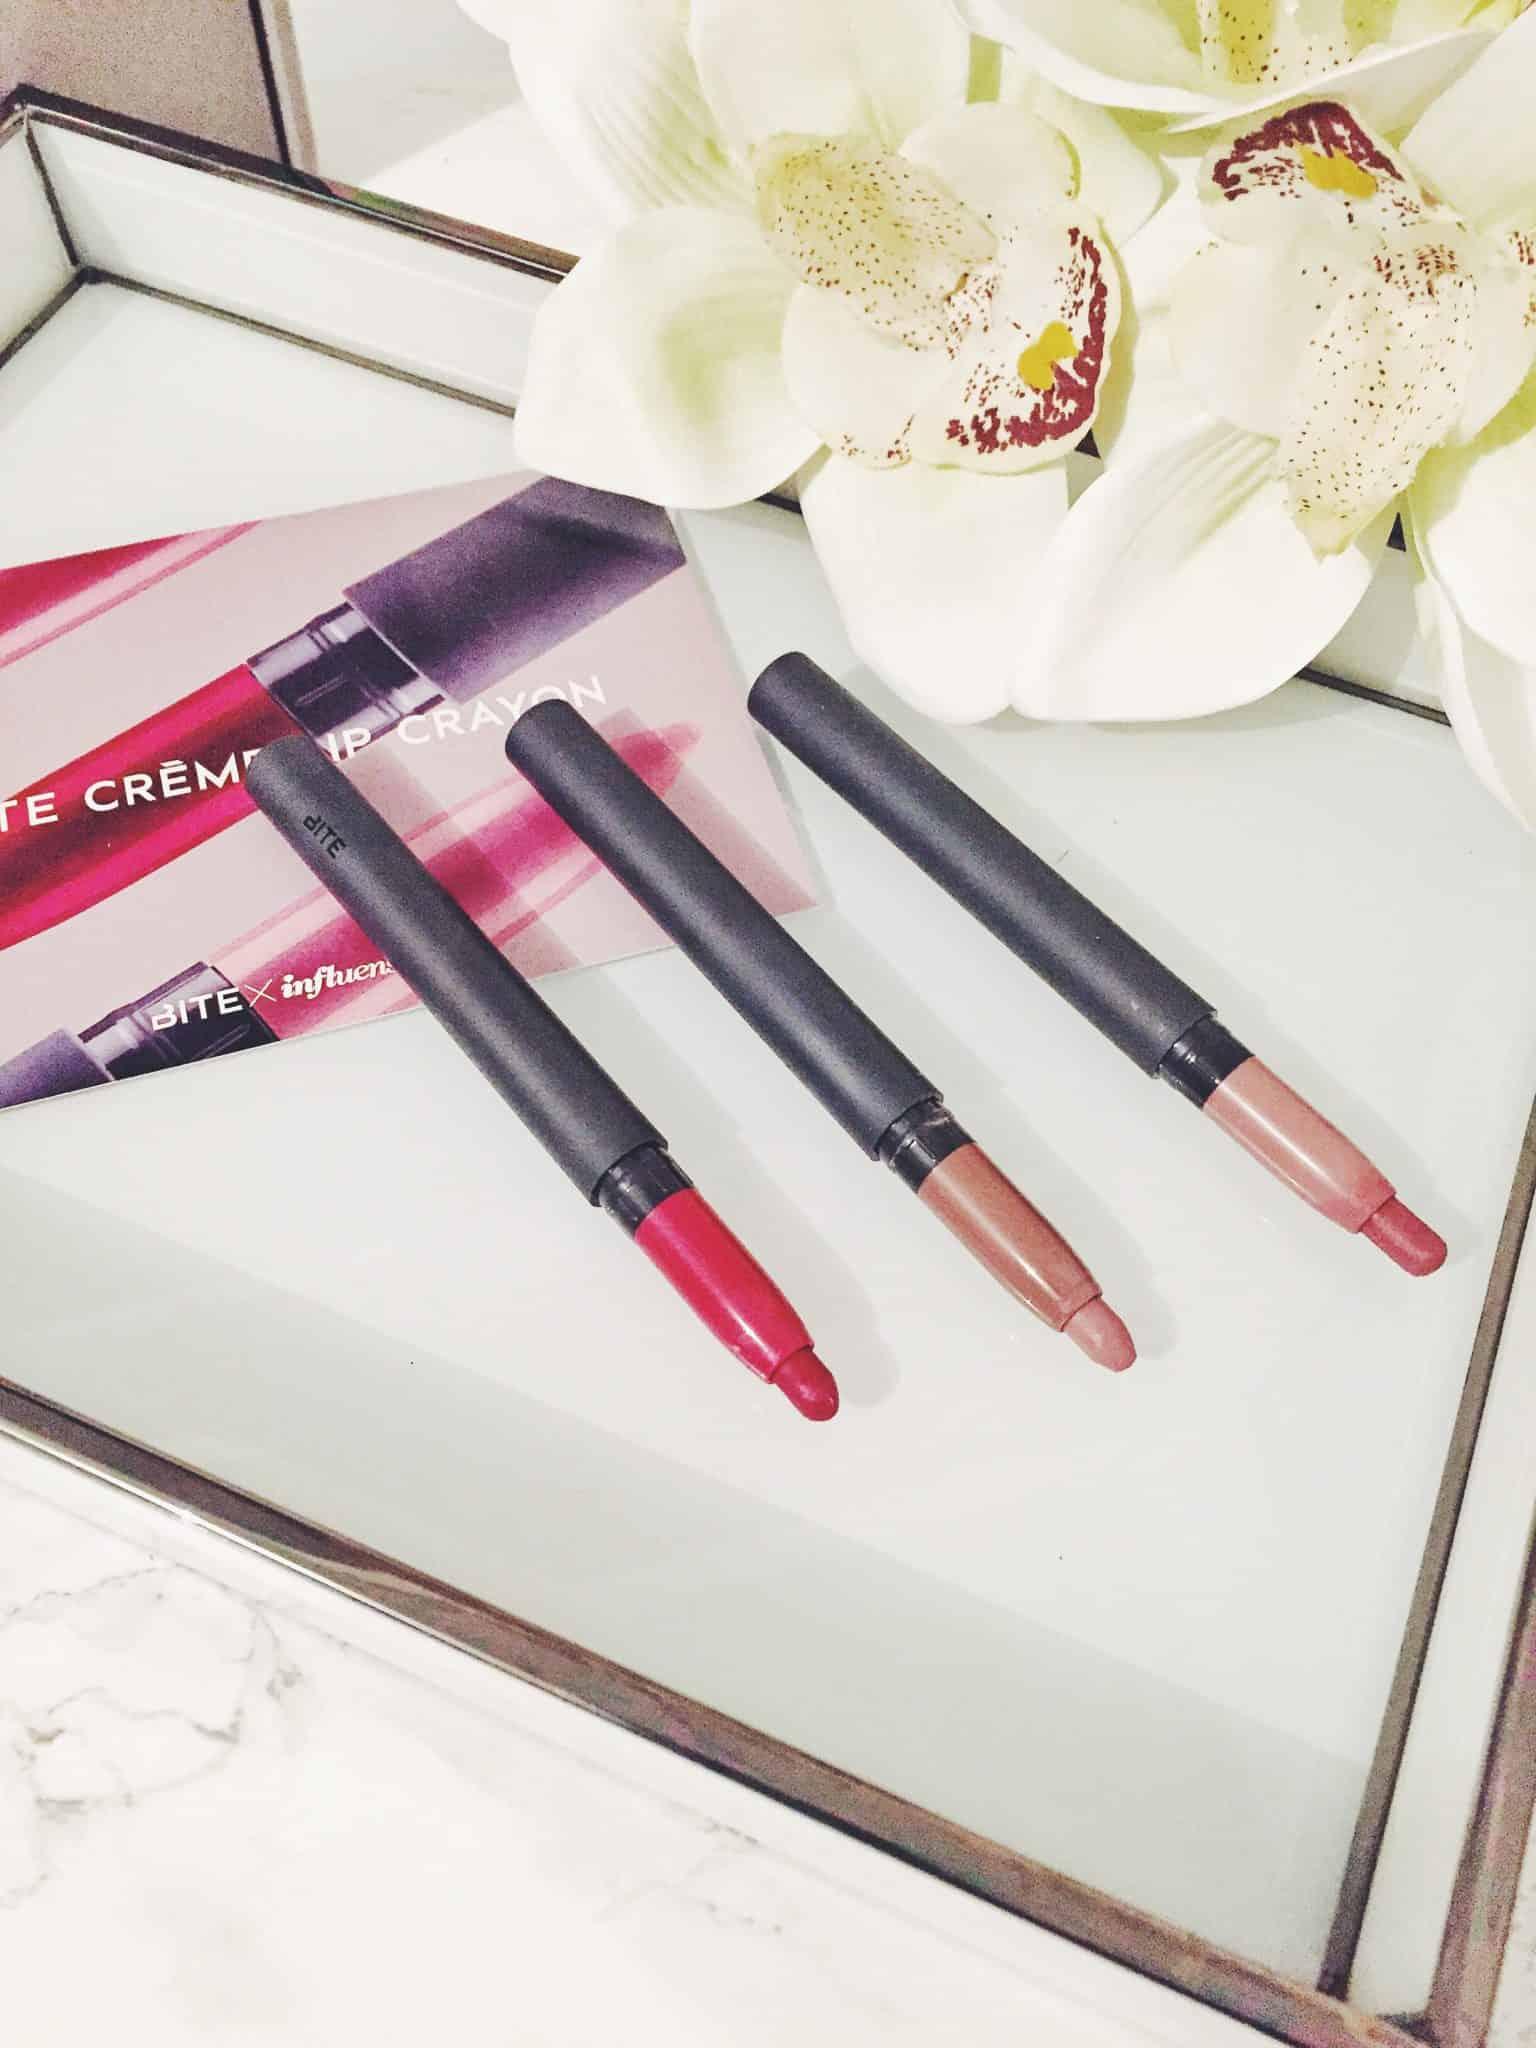 BITE Beauty Matte Crème Lip Crayon REVIEW #TheMatteCremeLip